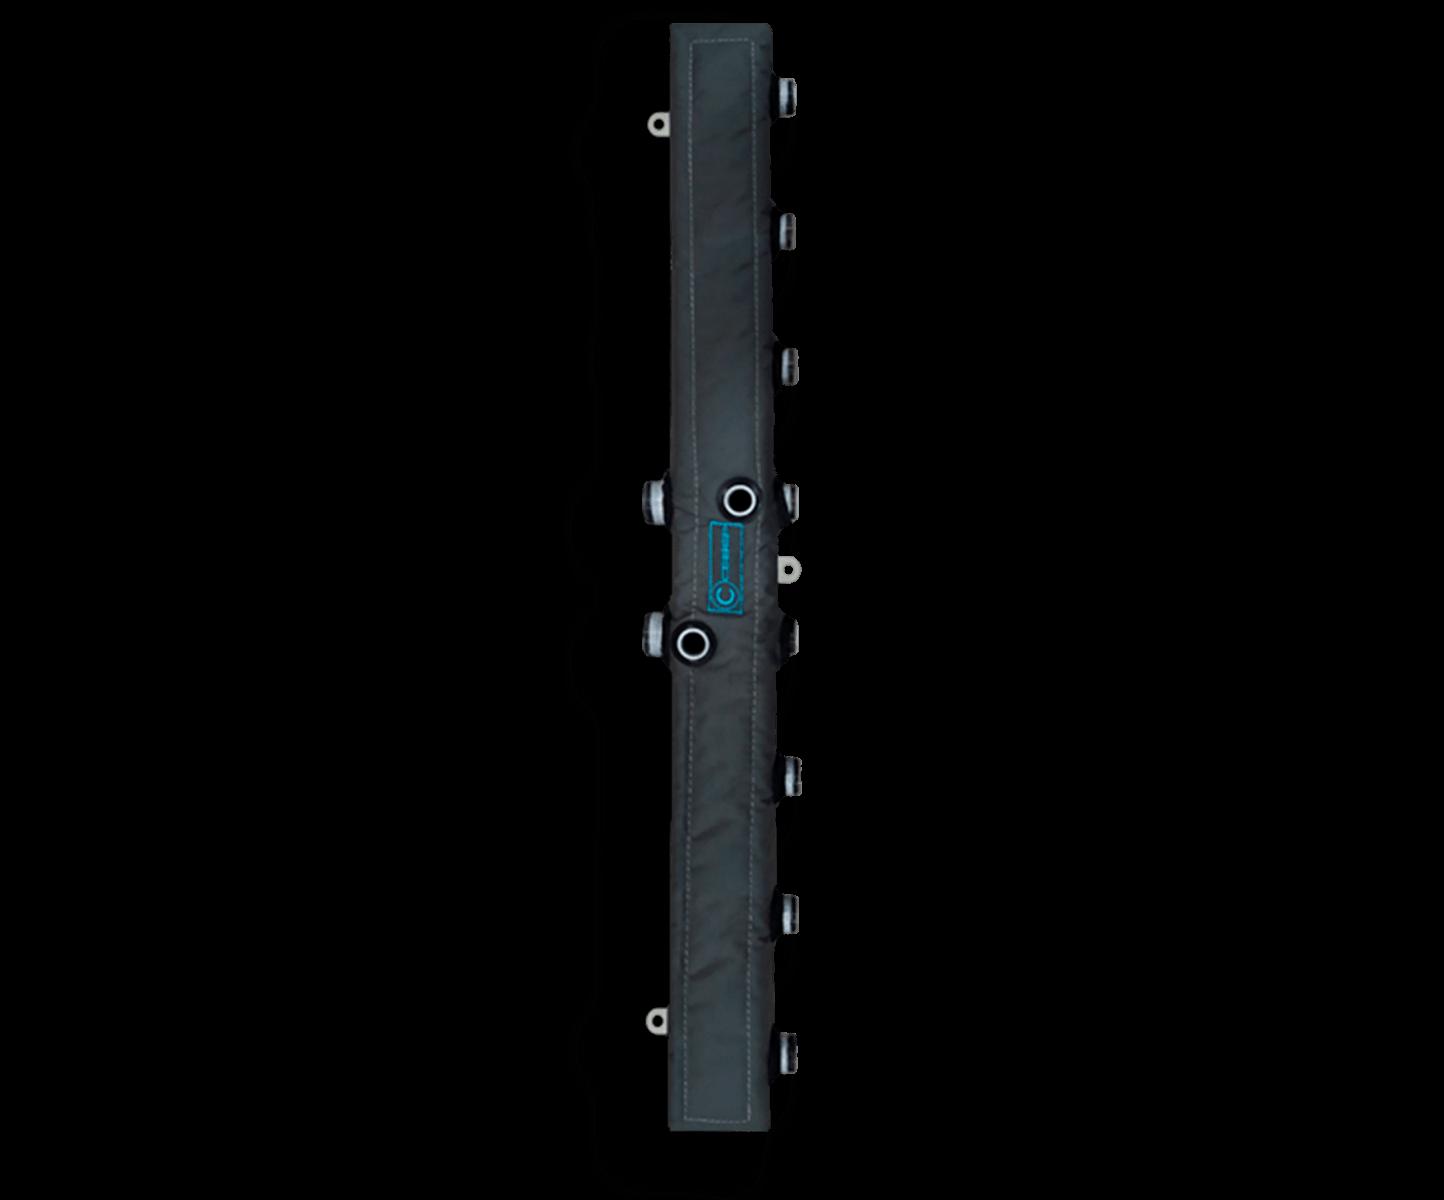 Гидрострелка Гидроразделитель Теплоизоляционный чехол Север-KV4